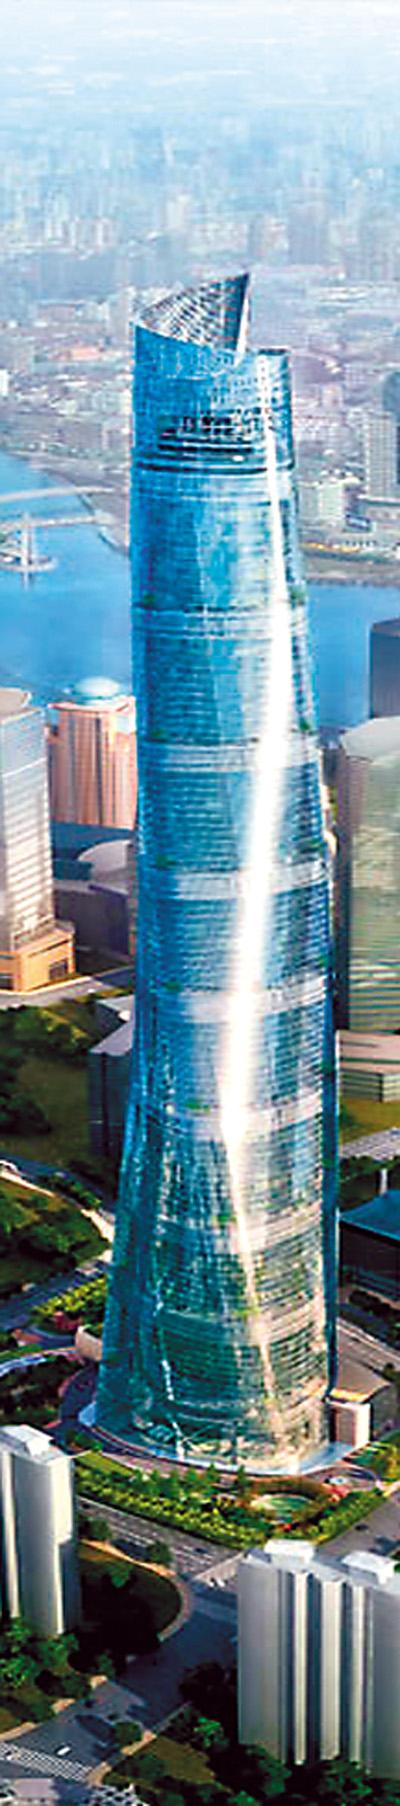 上海中心大厦(来自网络)